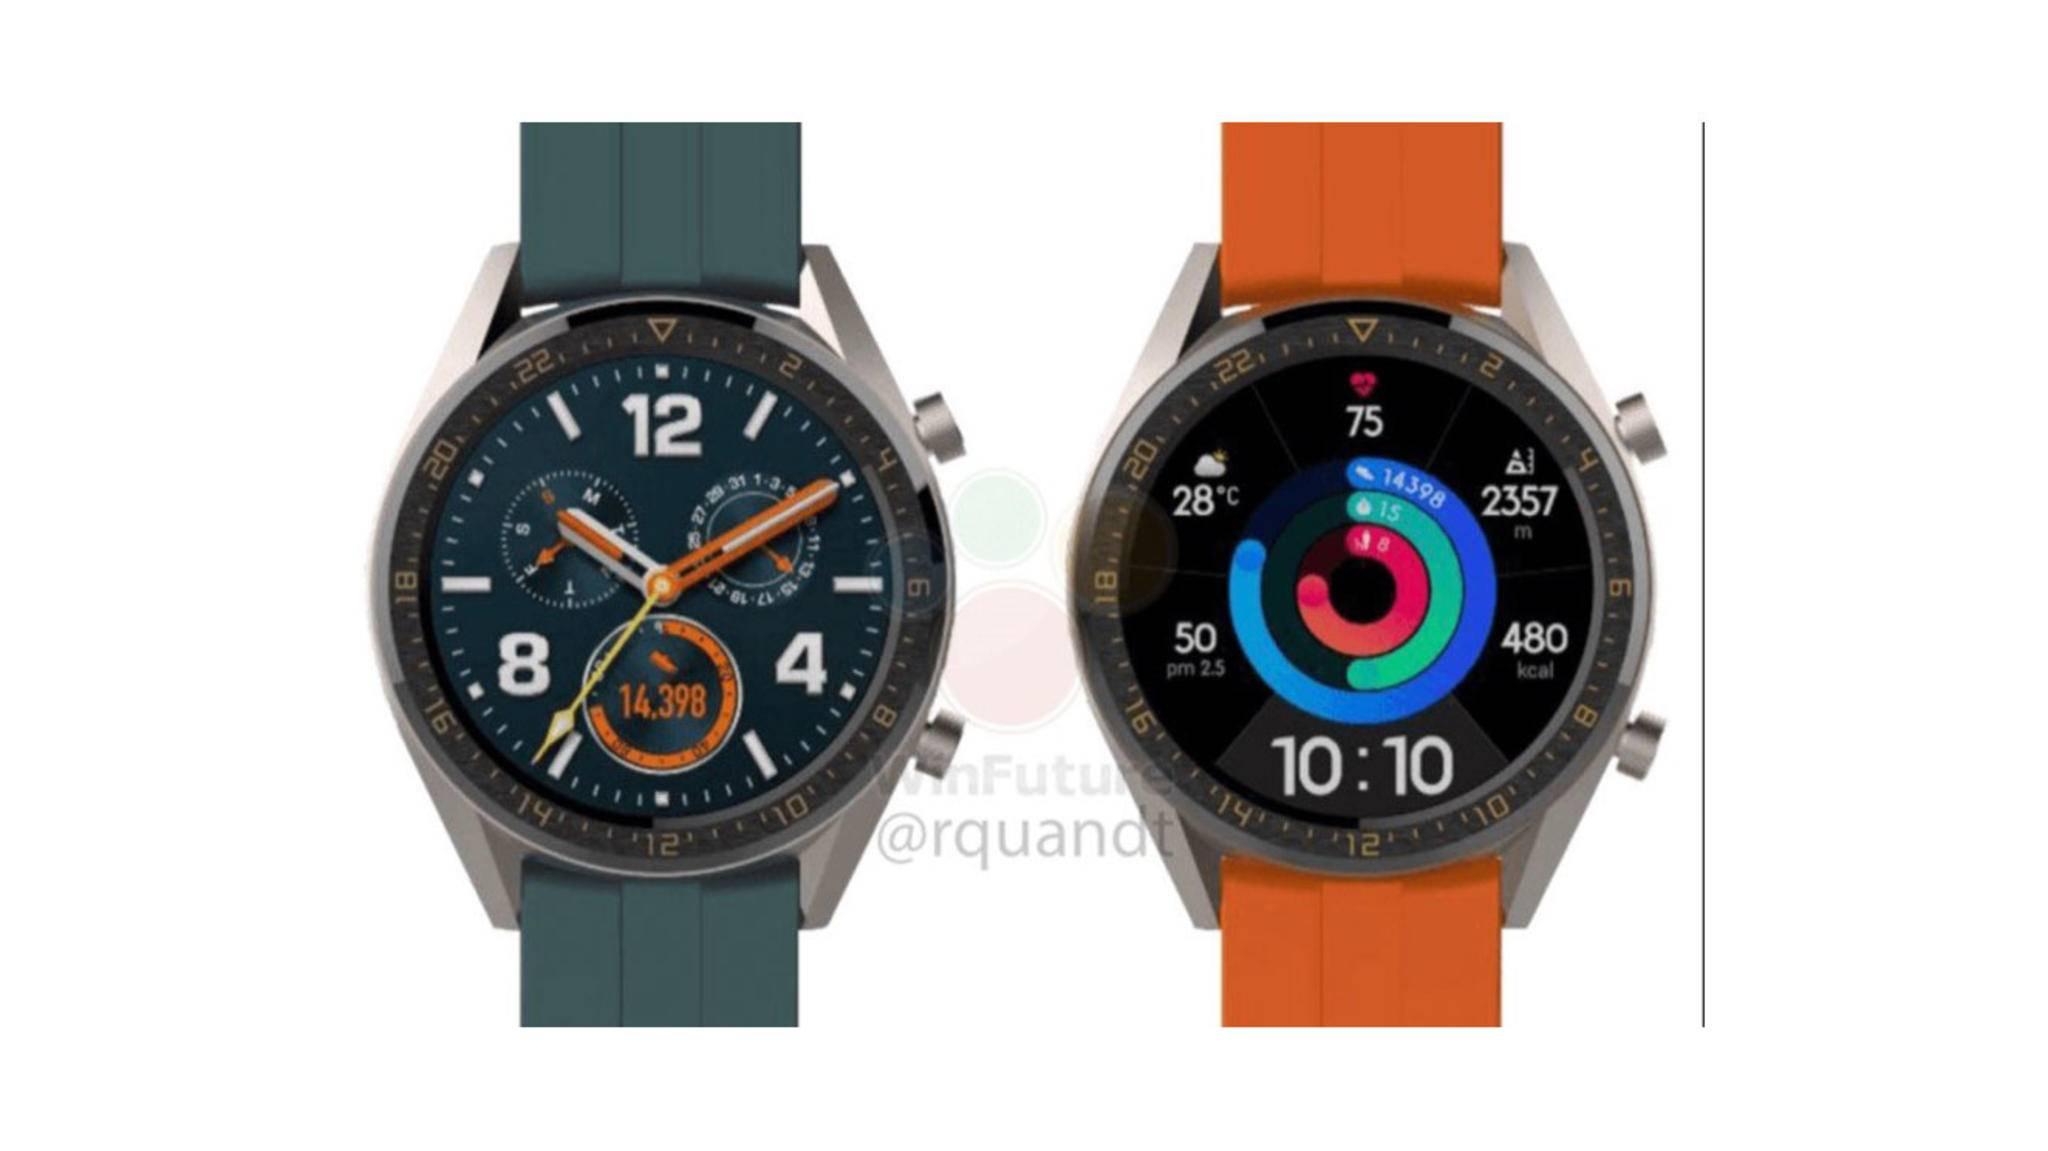 So soll die neue Huawei Watch GT Active aussehen, die Ende März vorgestellt werden dürfte.